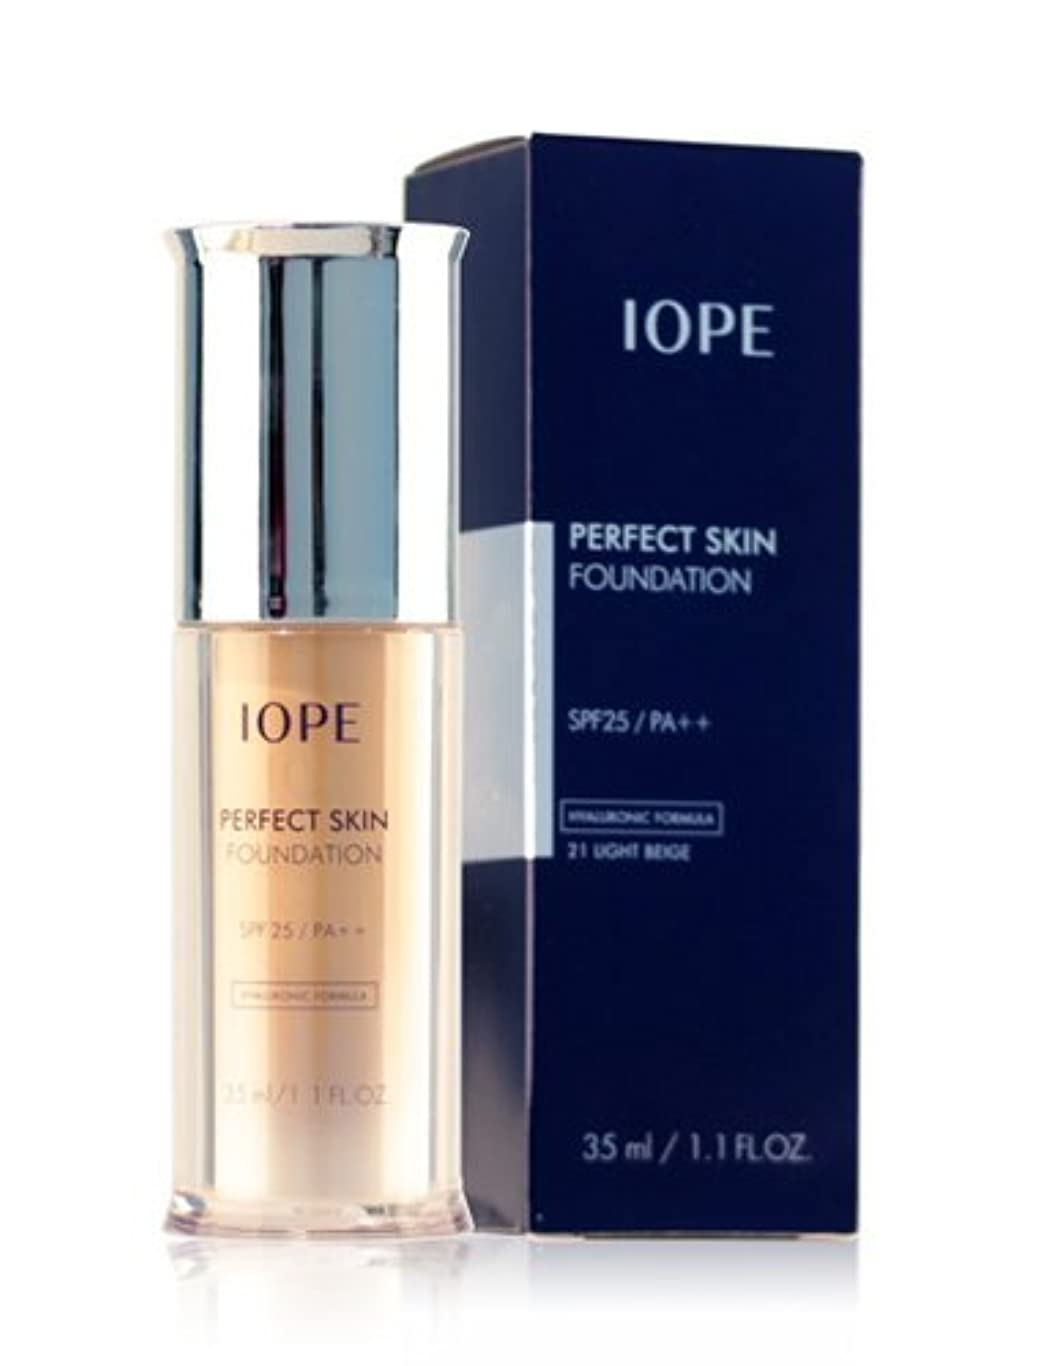 変換する大声で擬人Amore Pacific IOPE Perfect Skin Foundation (spf 25, pa++) no.21 light beige 35ml